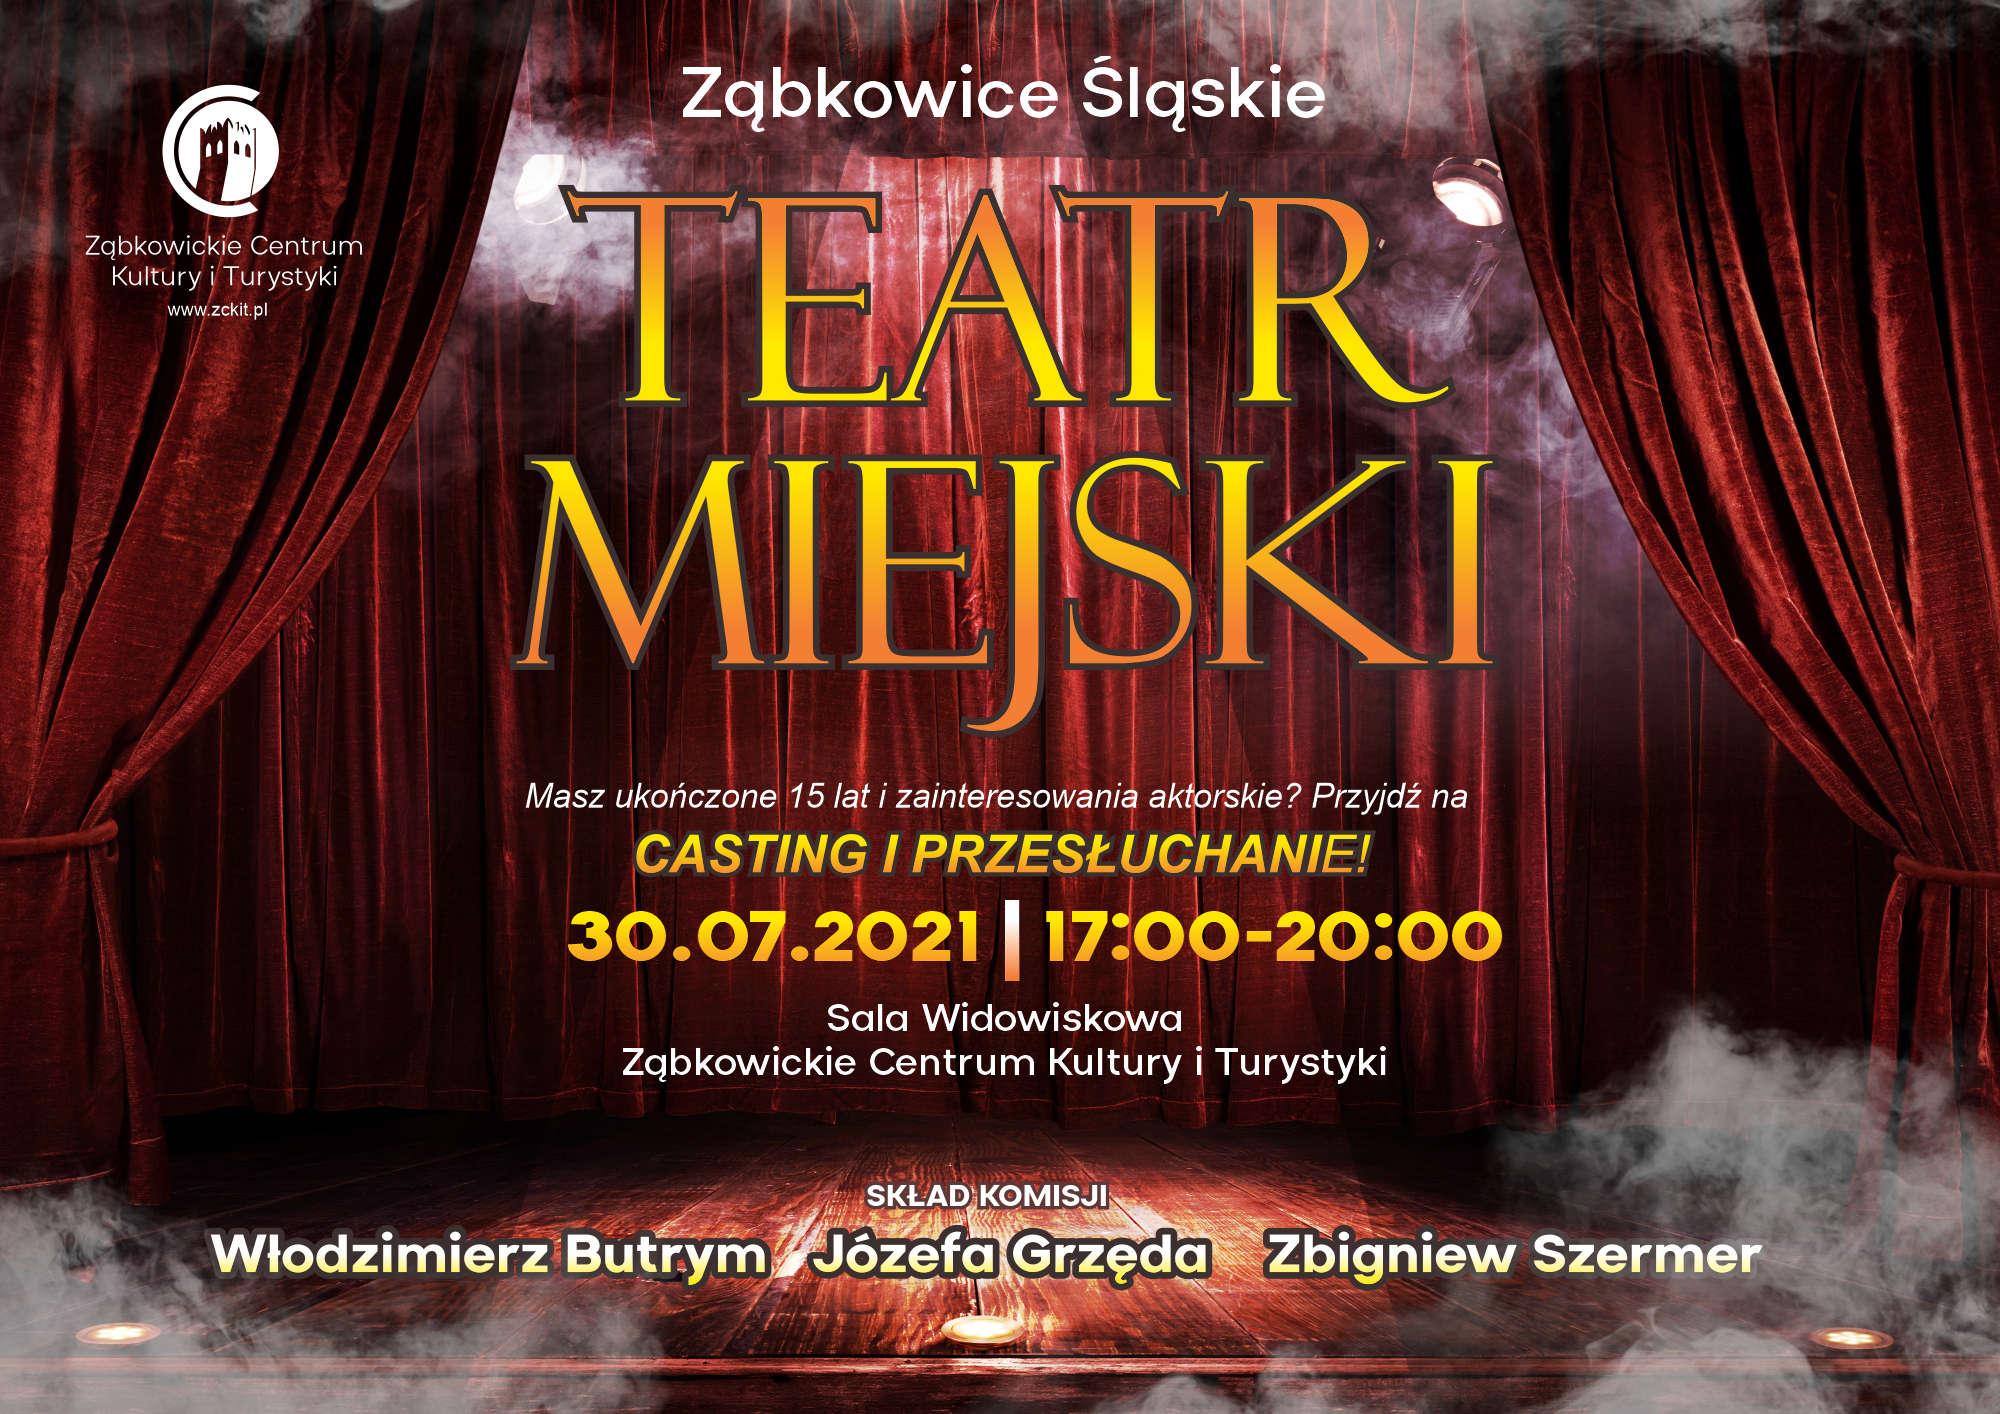 Casting do Teatru Miejskiego w Ząbkowicach Śląskich